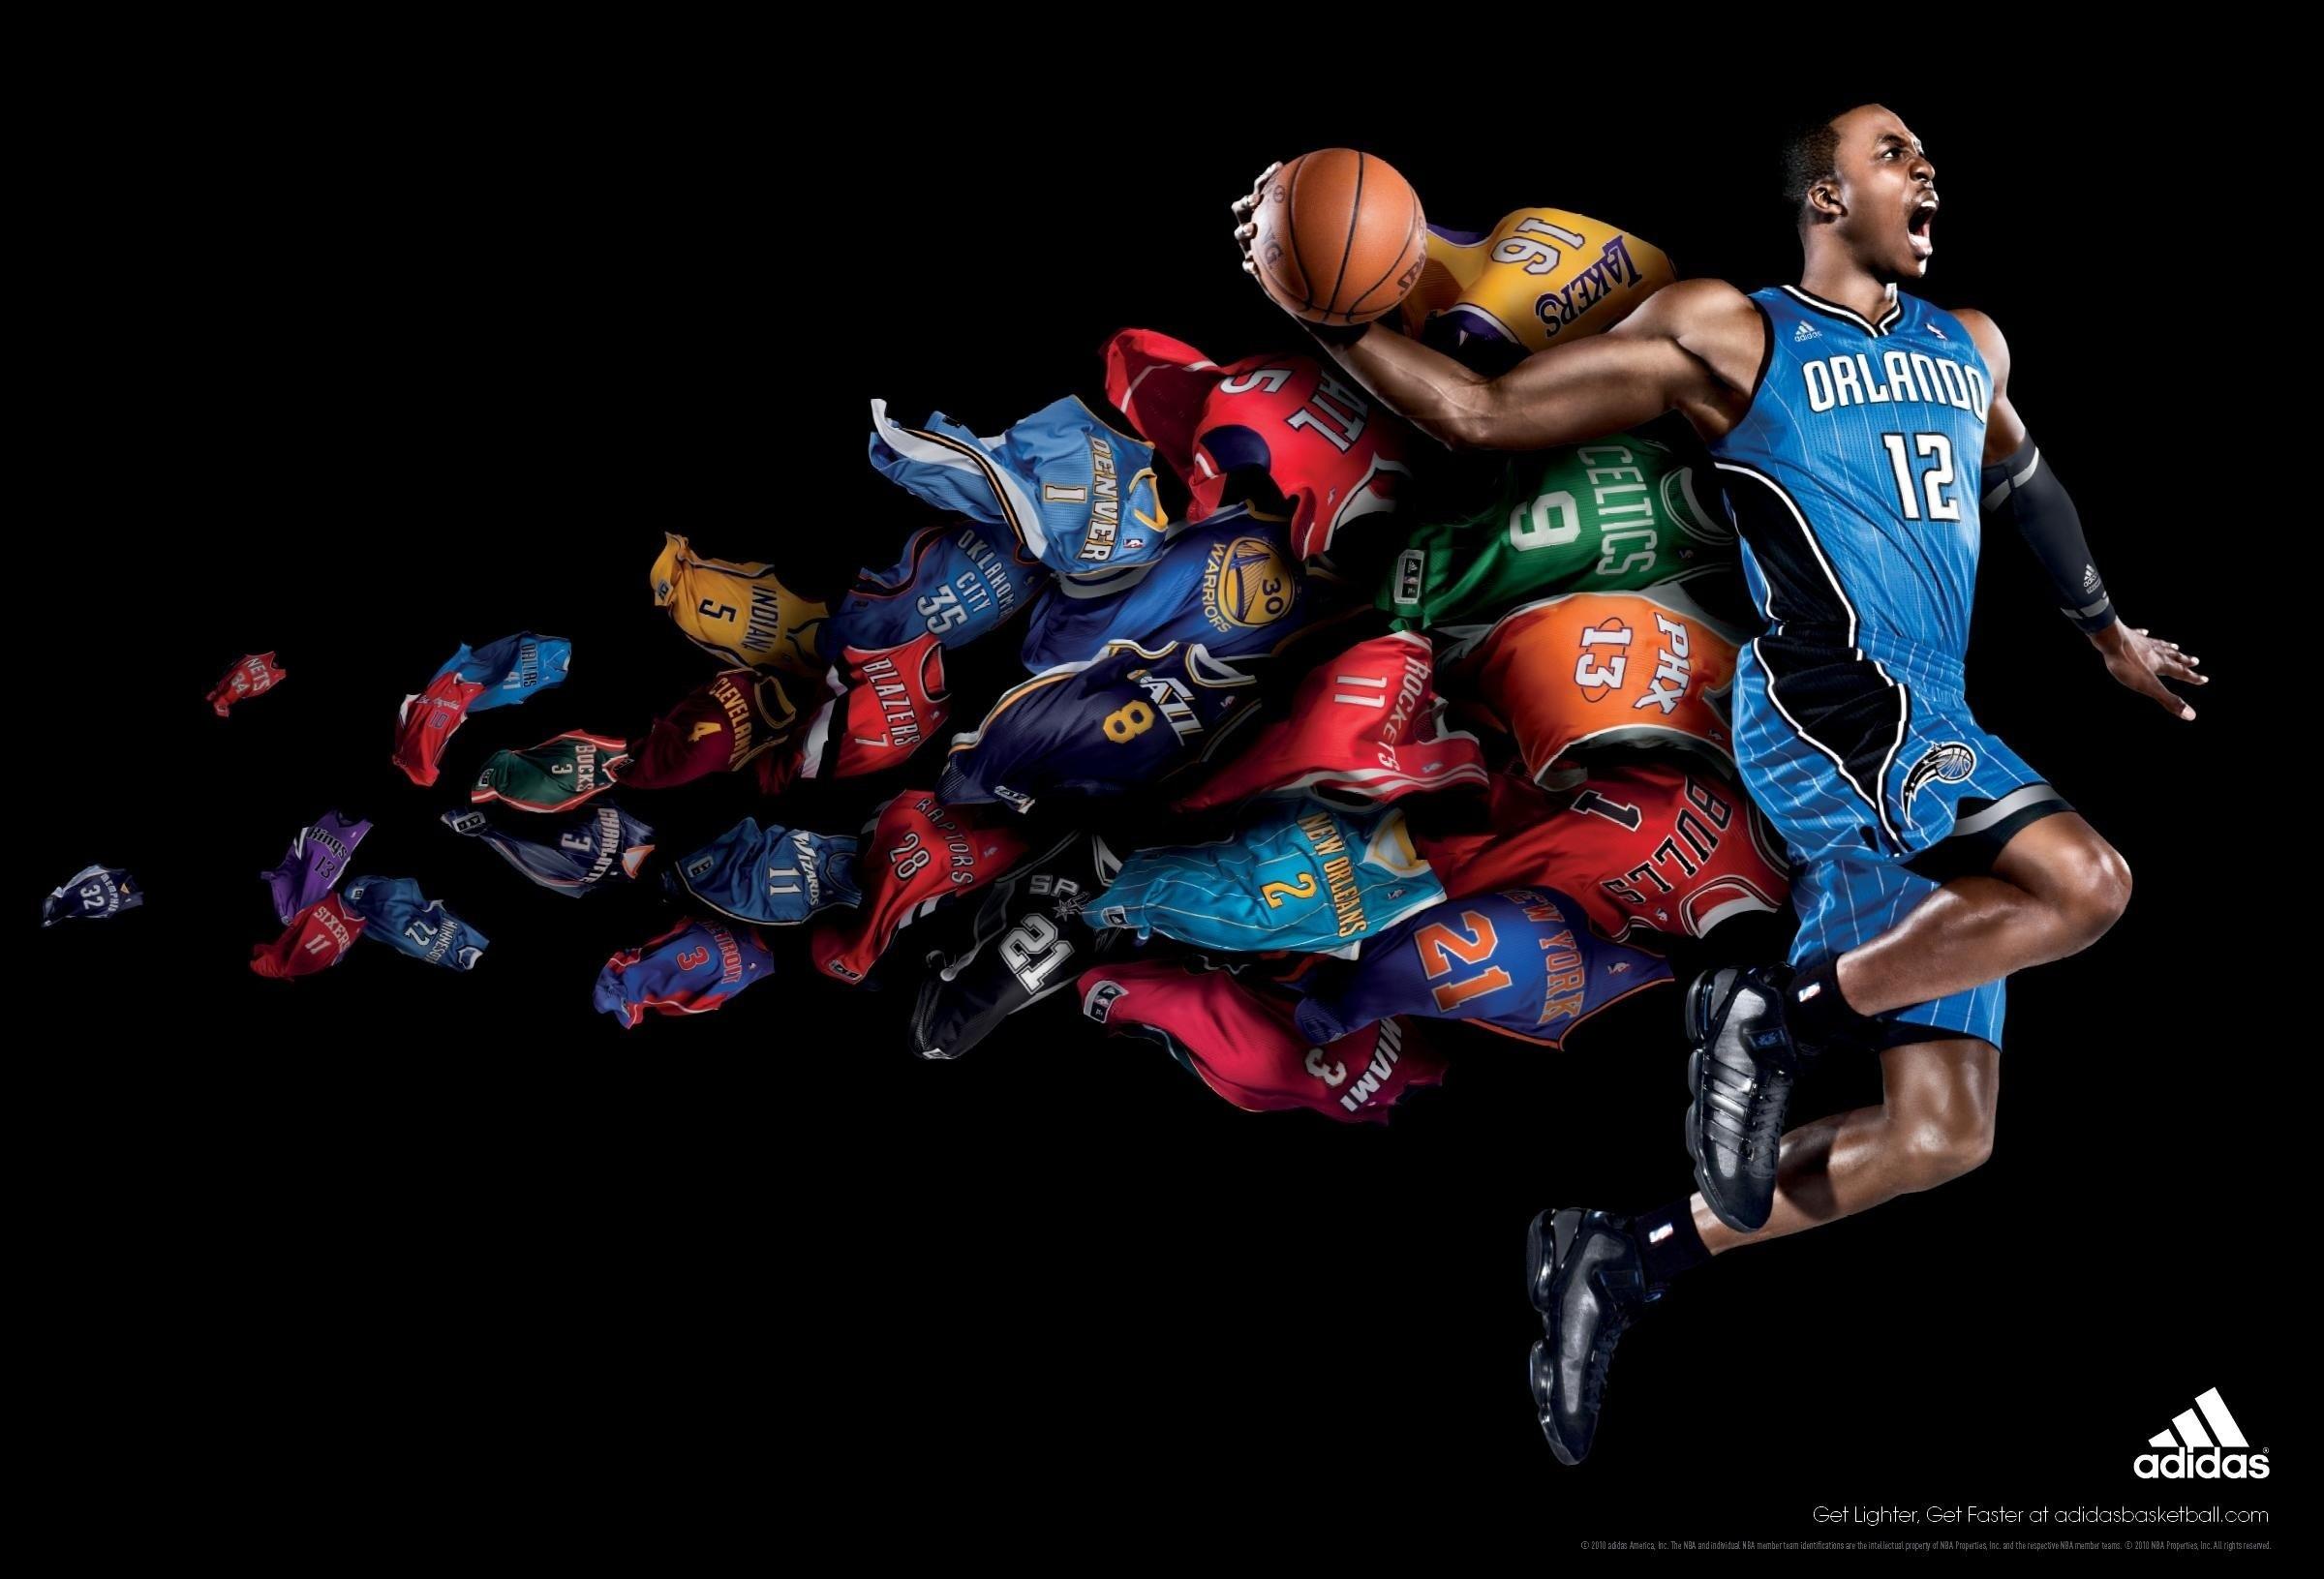 https://wallpaperformobile.org/7992/cool-basketball-wallpaper.html – Cool  Basketball Wallpaper | HD Wallpapers | Pinterest | Wallpaper